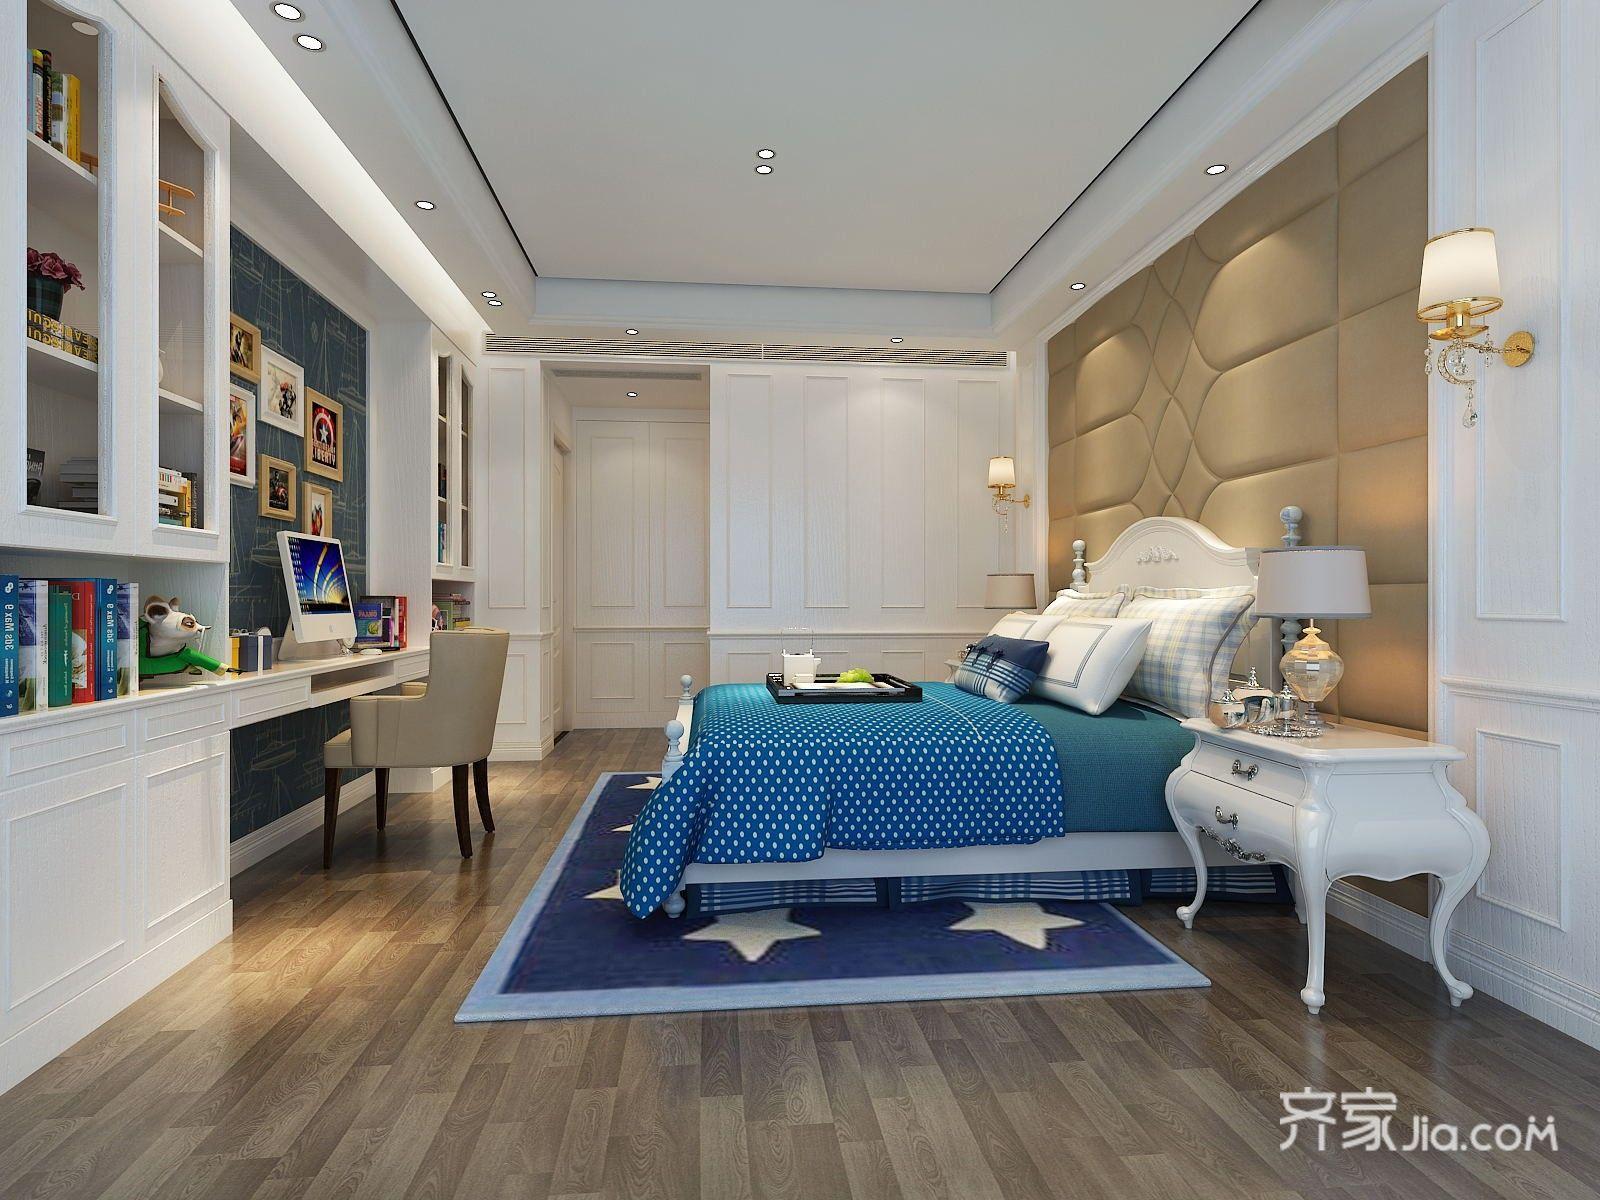 欧式风格复式别墅卧室装修效果图